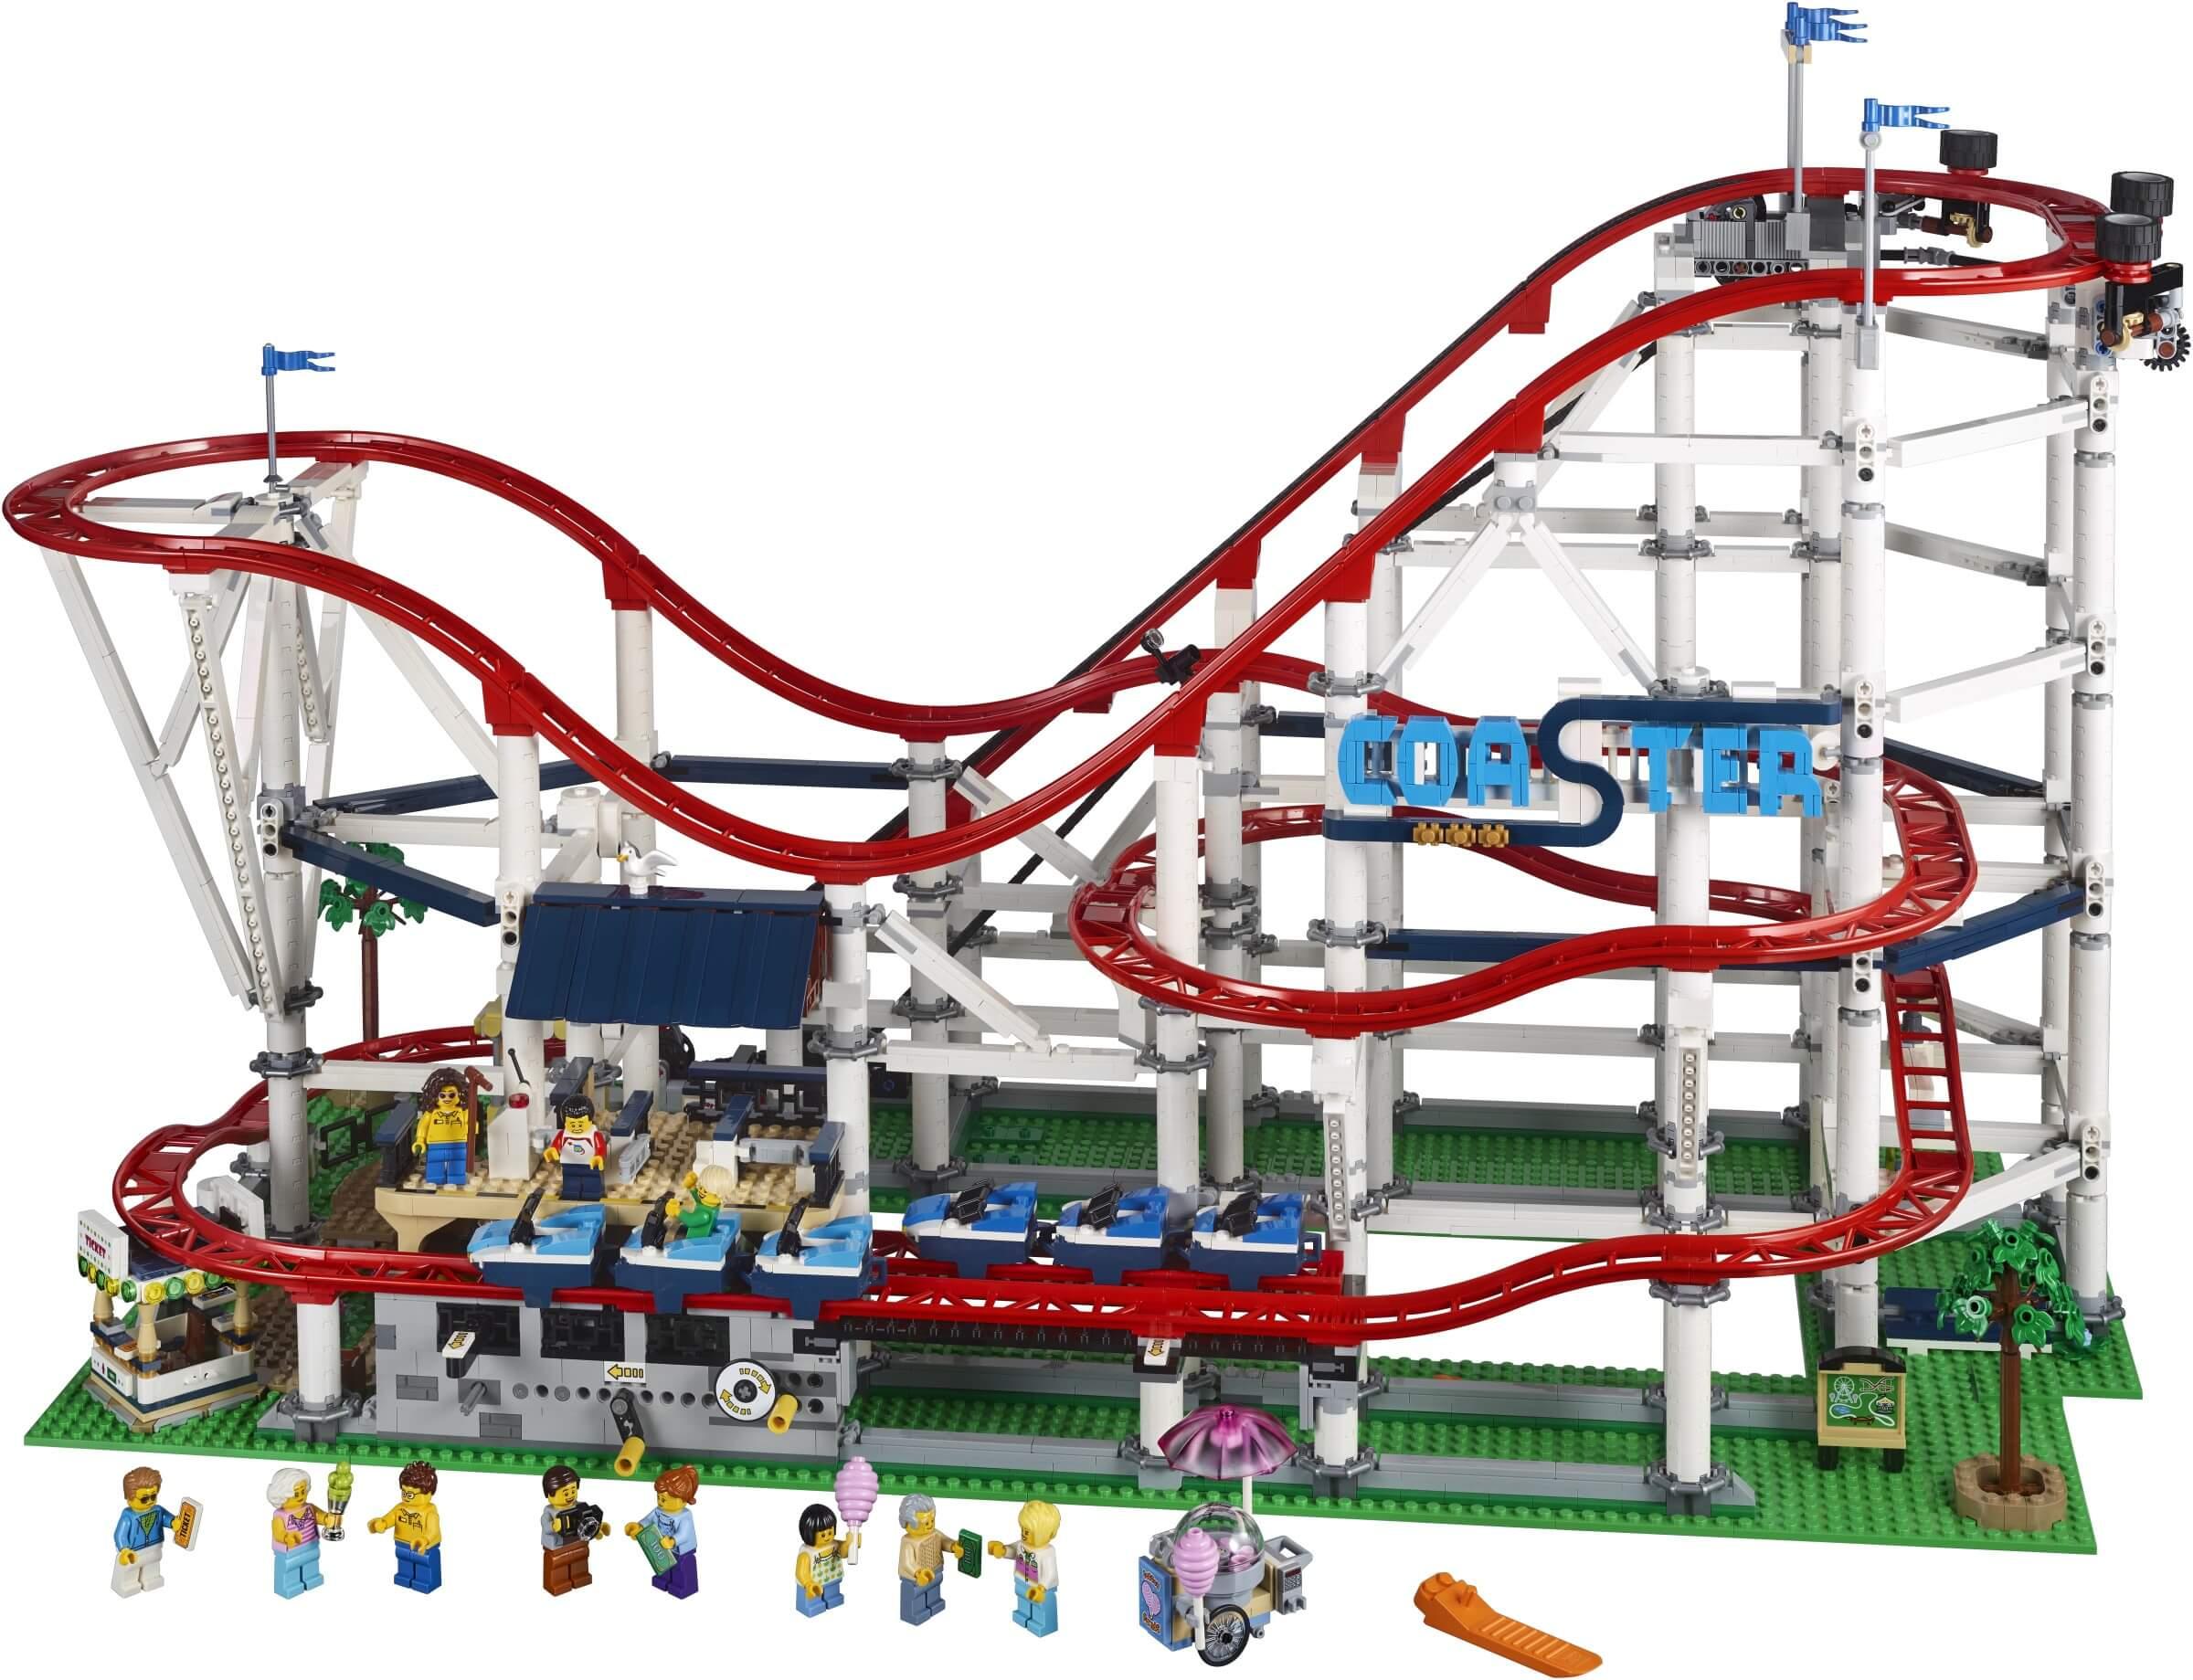 Mua đồ chơi LEGO 10261 - LEGO Creator Expert 10261 - Tàu Lượn Siêu Tốc gắn Động Cơ (LEGO 10261 Roller Coaster)